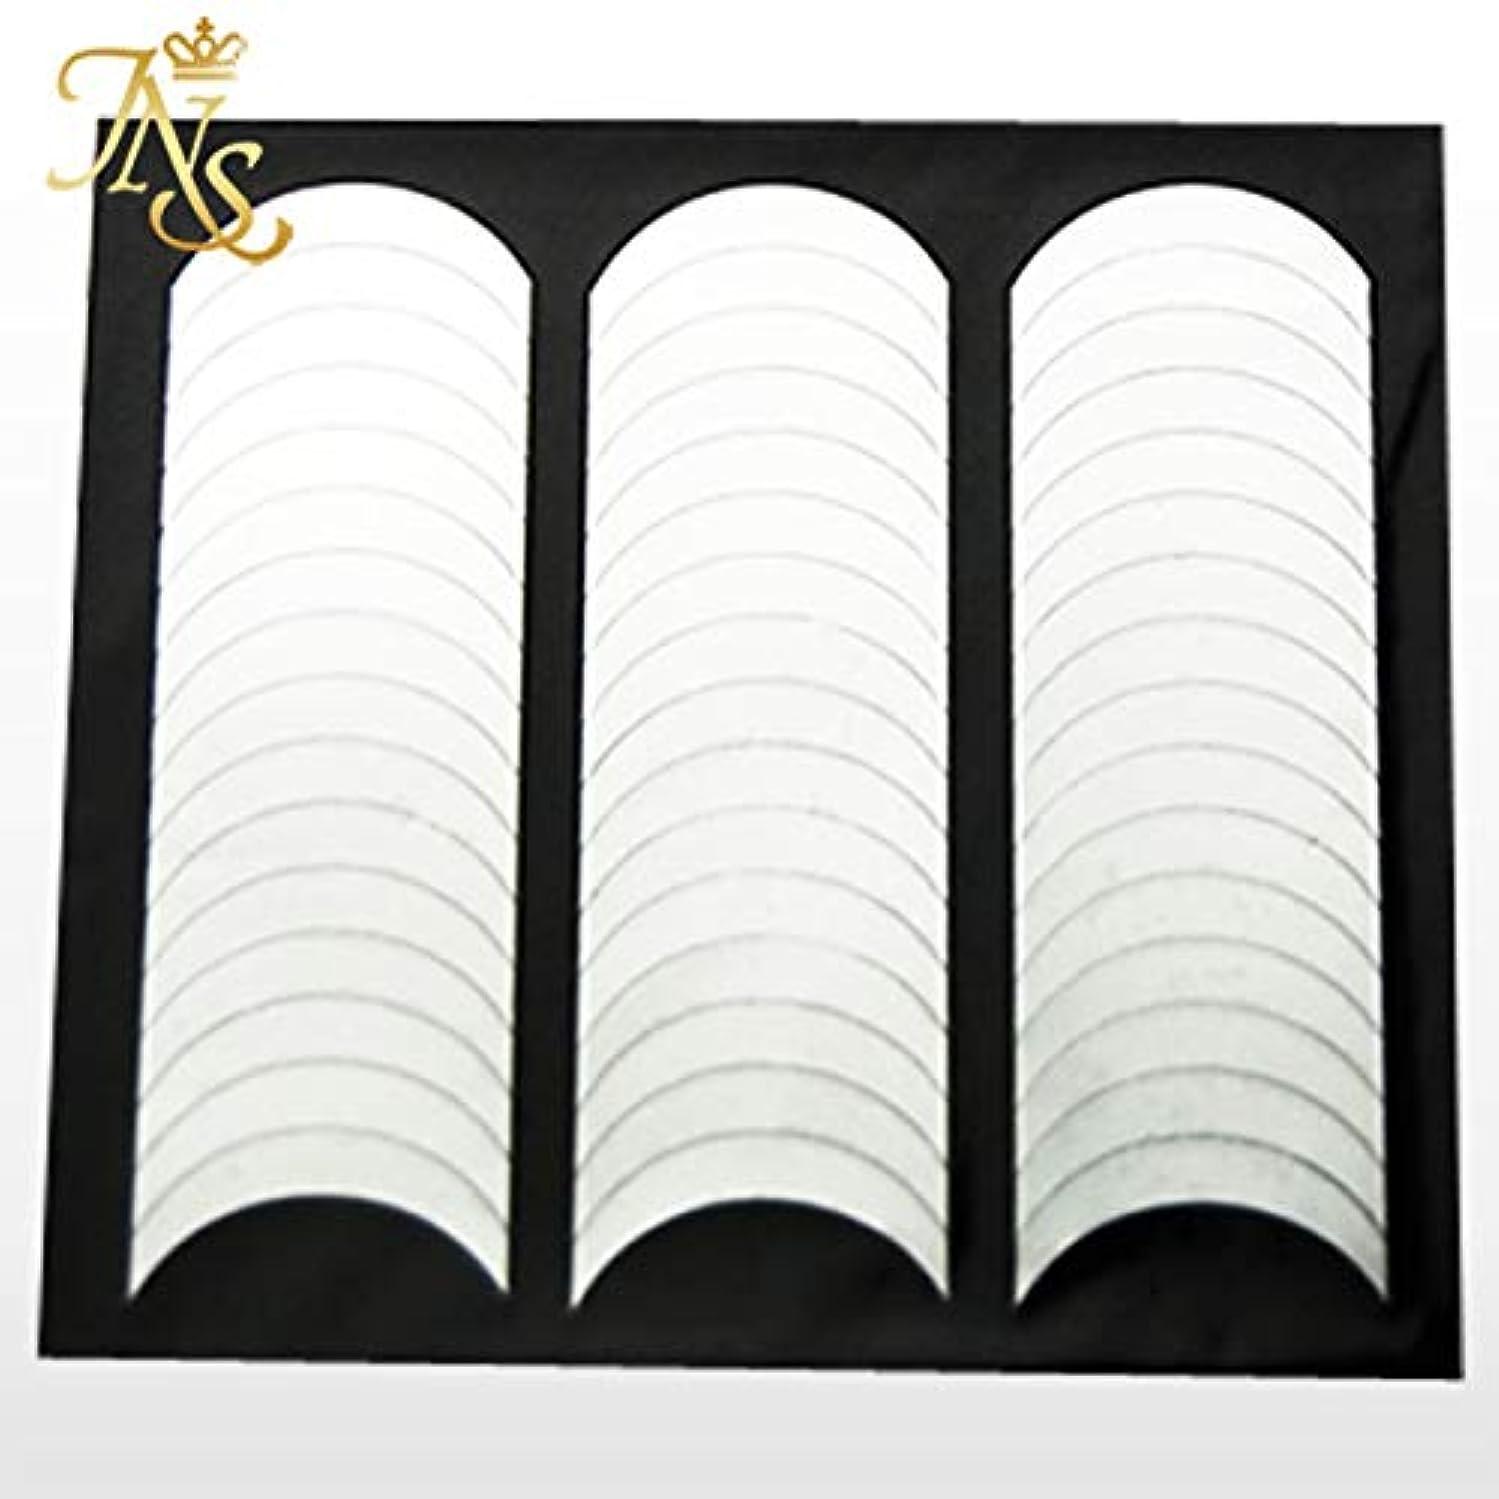 手術スラッシュ有利フレンチネイル ガイド テープ シール 144枚セット